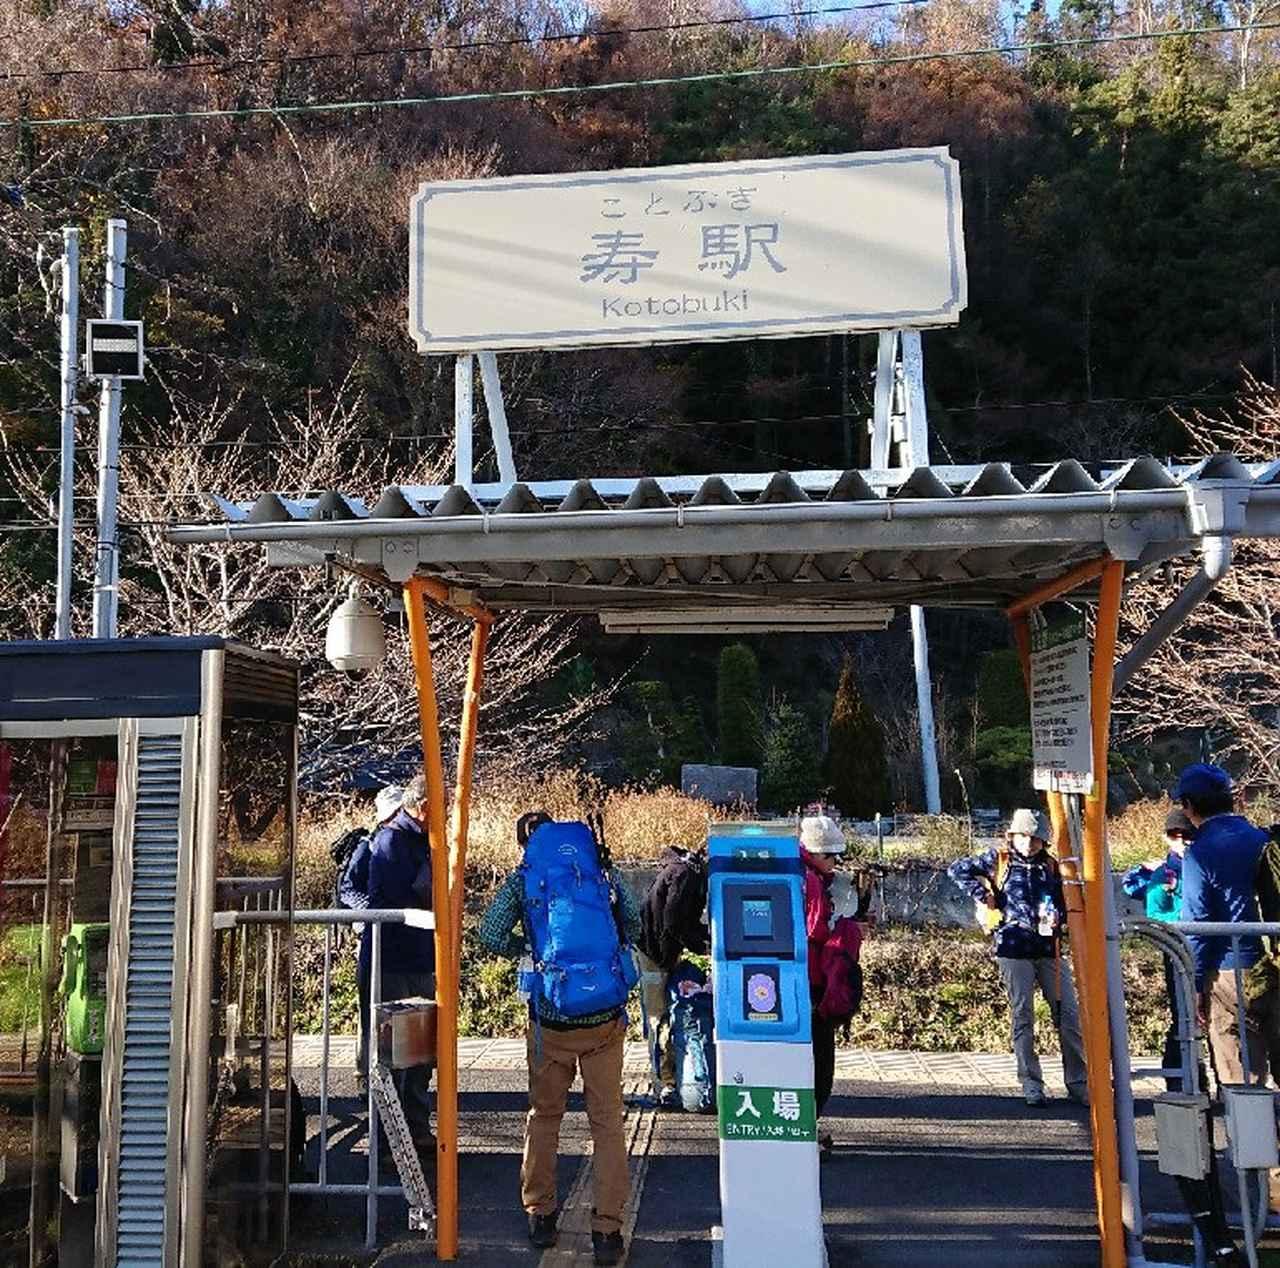 画像10: 12月8日に「ツール・ド・富士山番外編」 倉見山 へ行ってきました♪